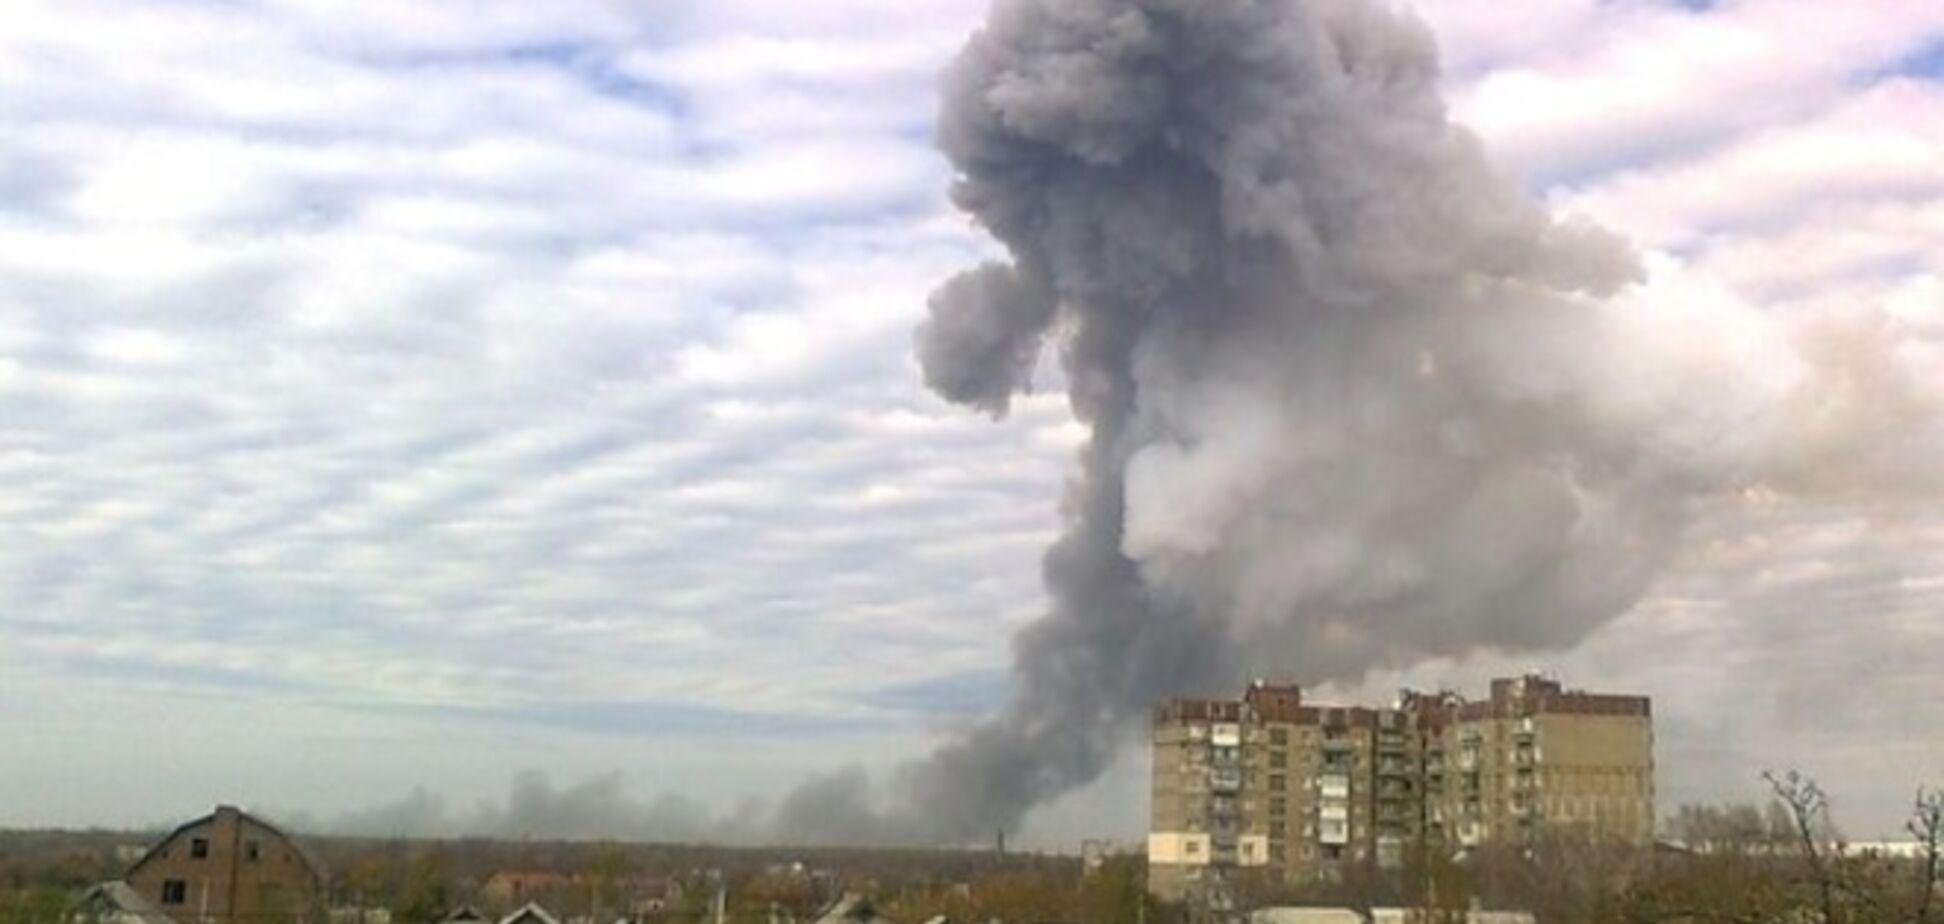 Партизаны в Донецке взяли ответственность за сегодняшний взрыв и объявили о начале 'бомбо-квэста' с террористами